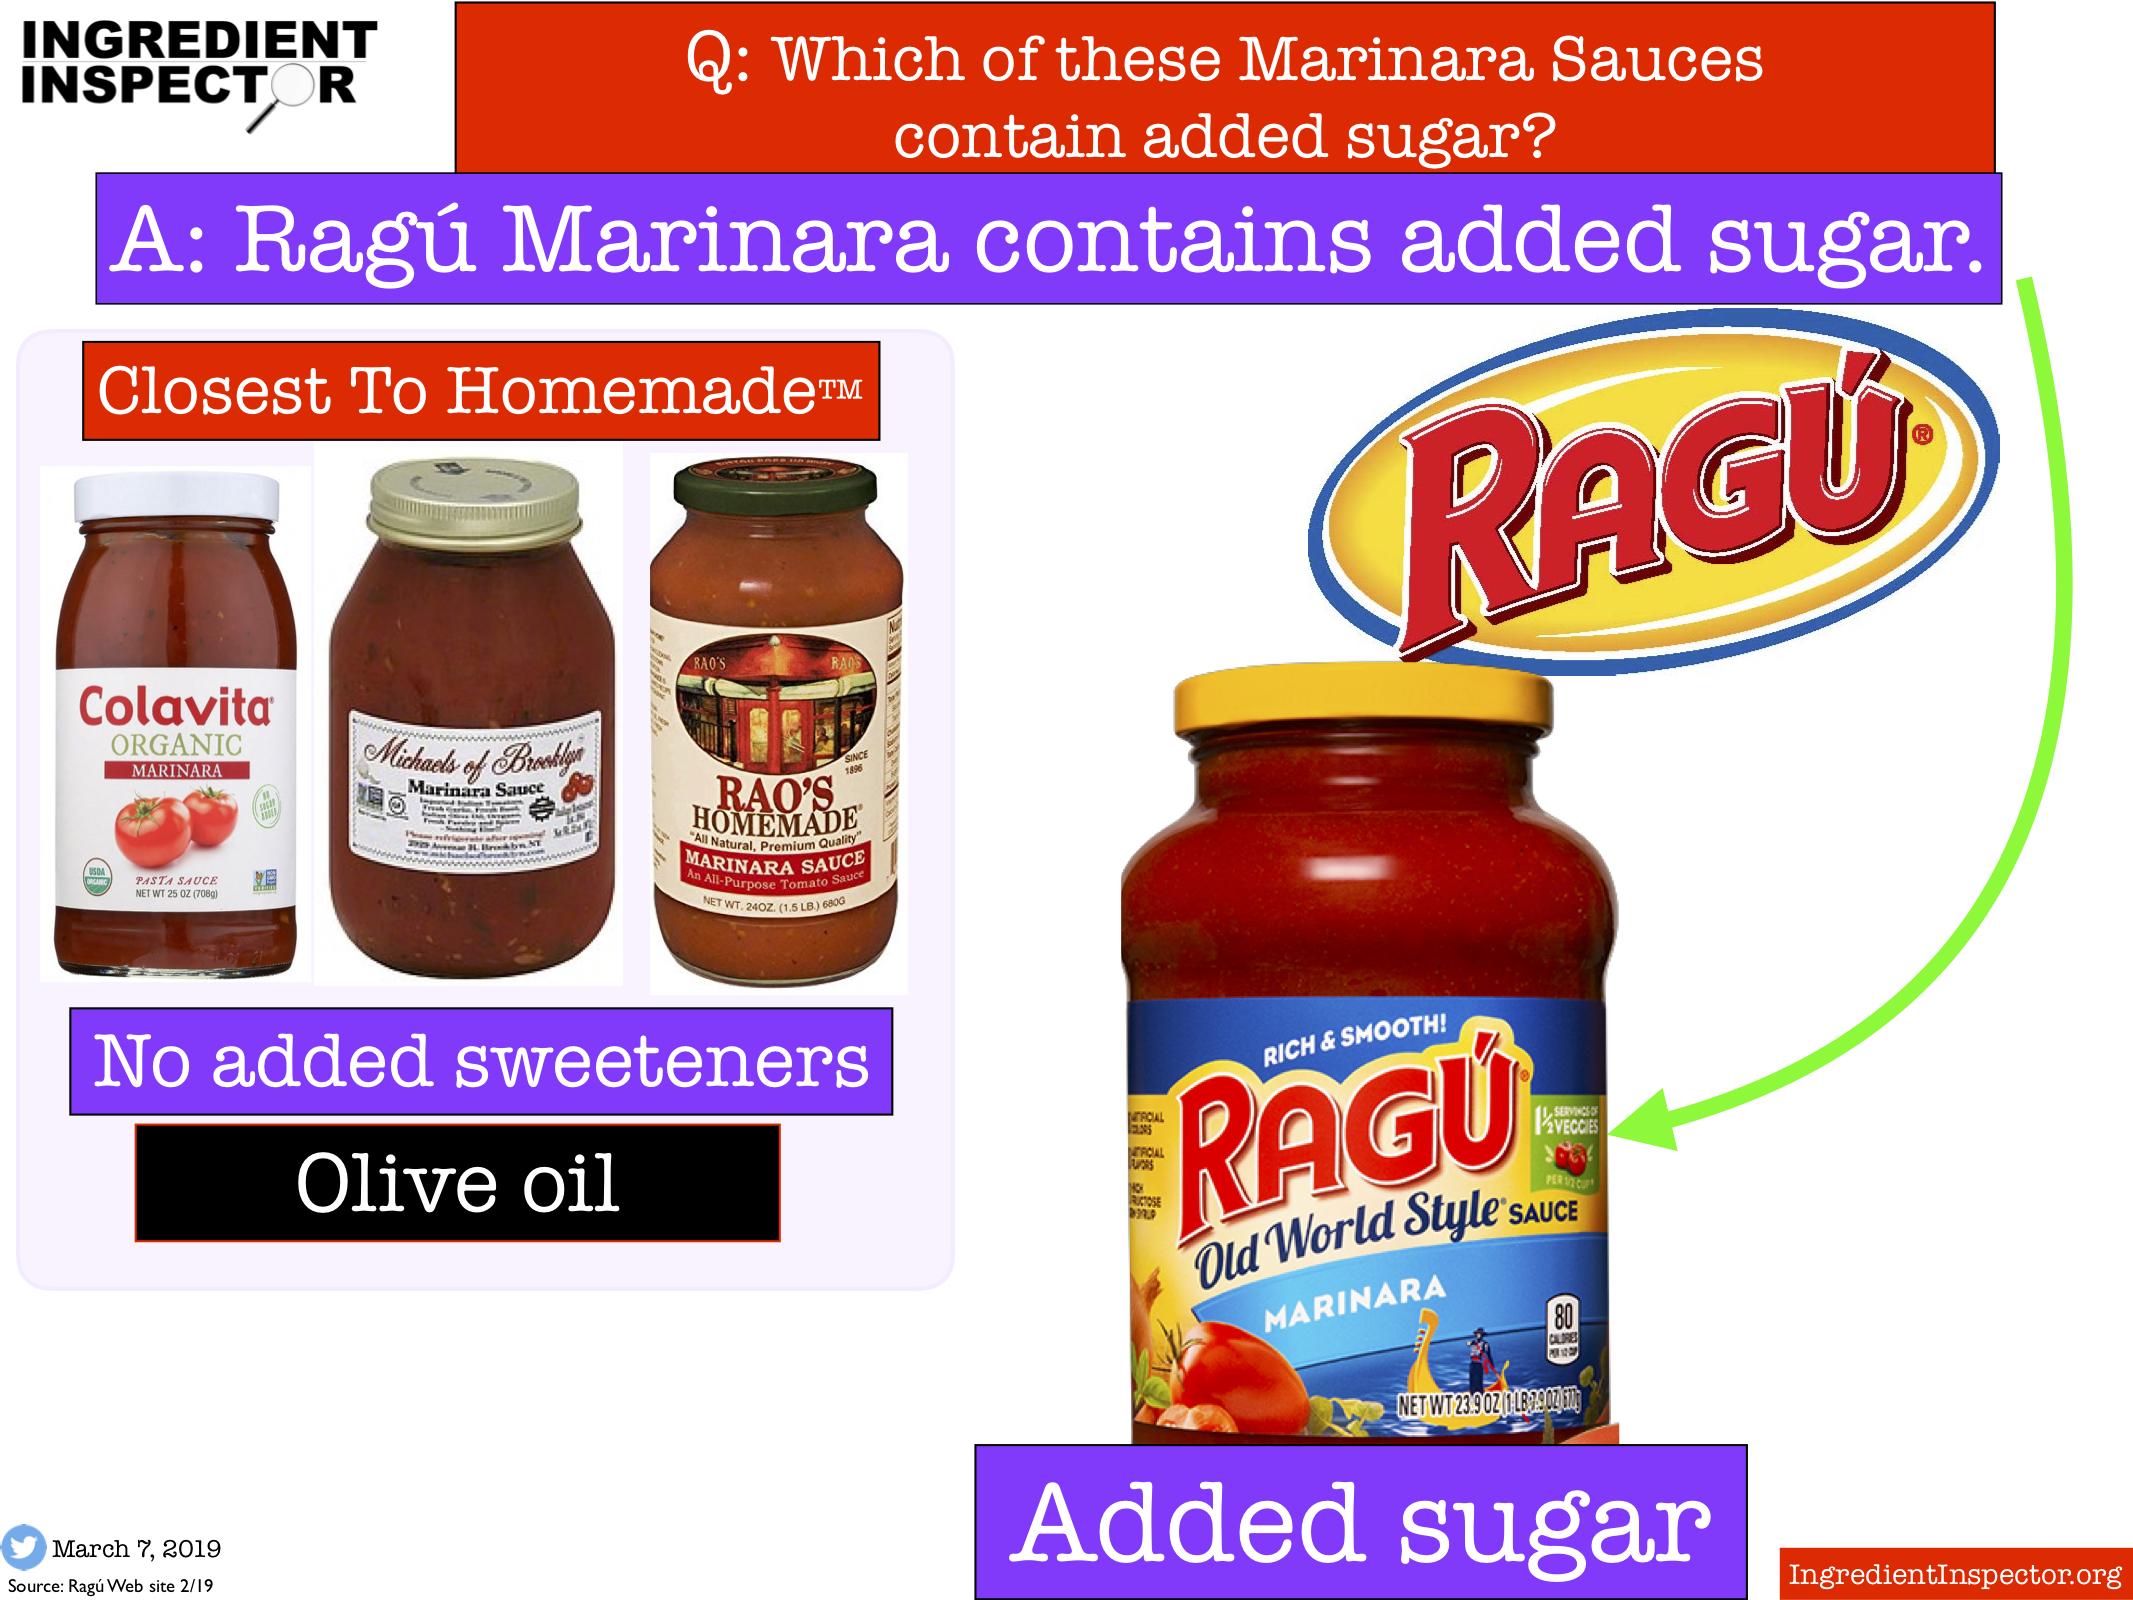 Ingredient Inspector Qioz Answer Ragu Marinara Contains Added Sugar.jpg